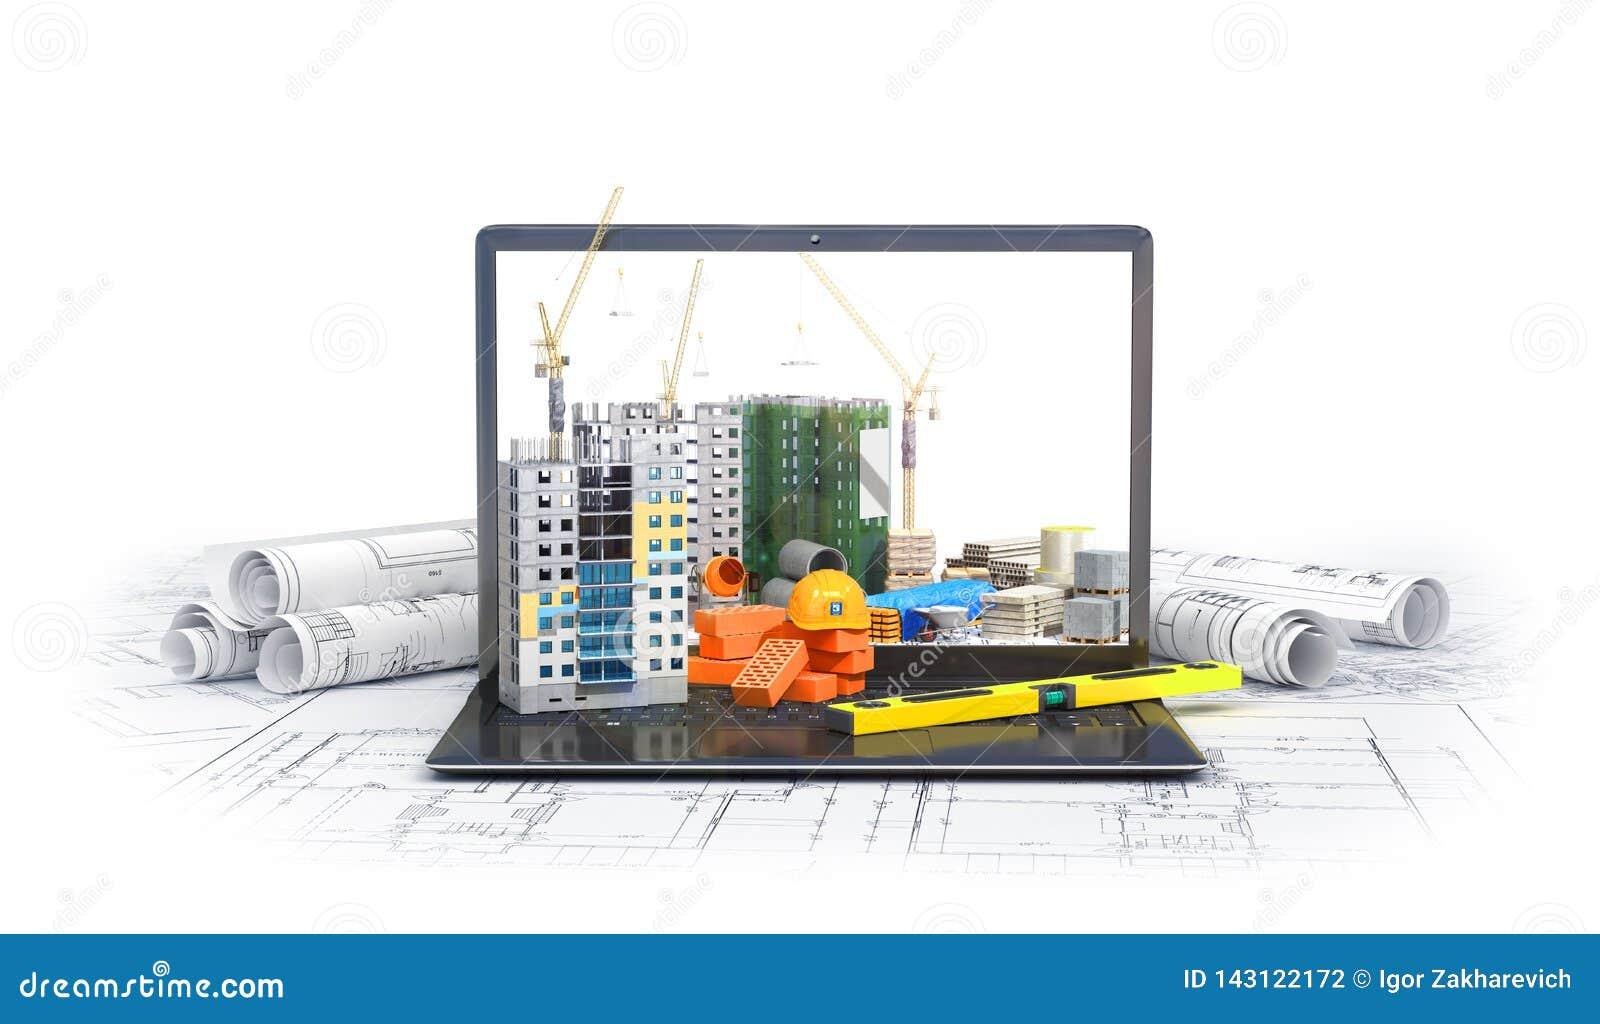 Canteiro de obras na tela de um laptop, arranha-céus, plano do desenho, materiais de construção